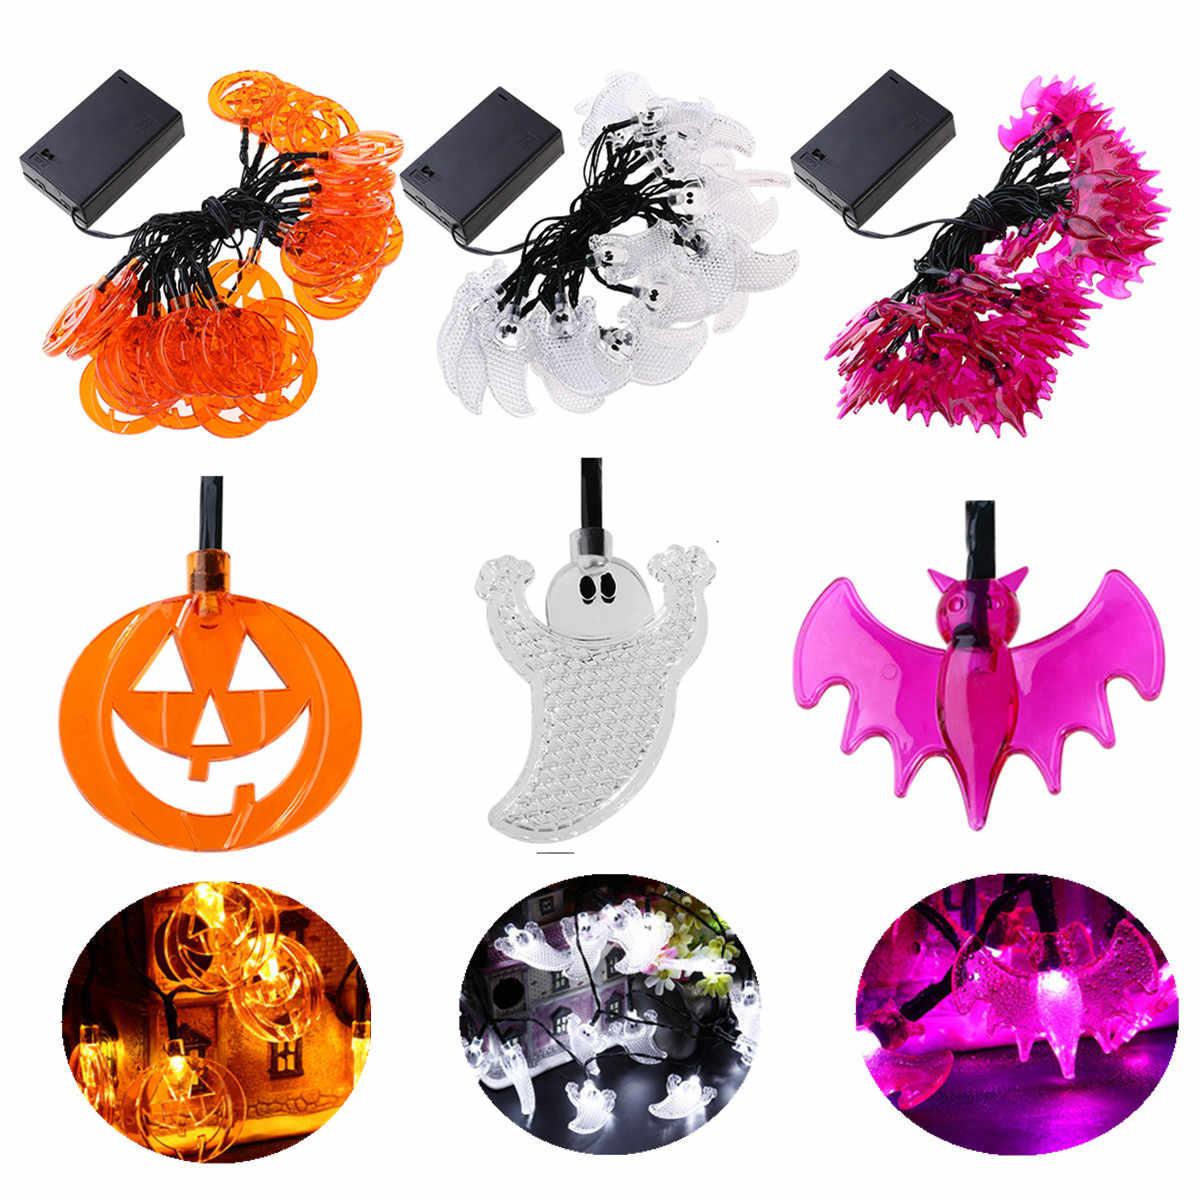 3,5 м 30 светодиодный Хэллоуин тыква летучая мышь призрак гирлянды Хэллоуин декоративные светодиодные лампочки для внутреннего/для улицы, домашний декор вечерние принадлежности